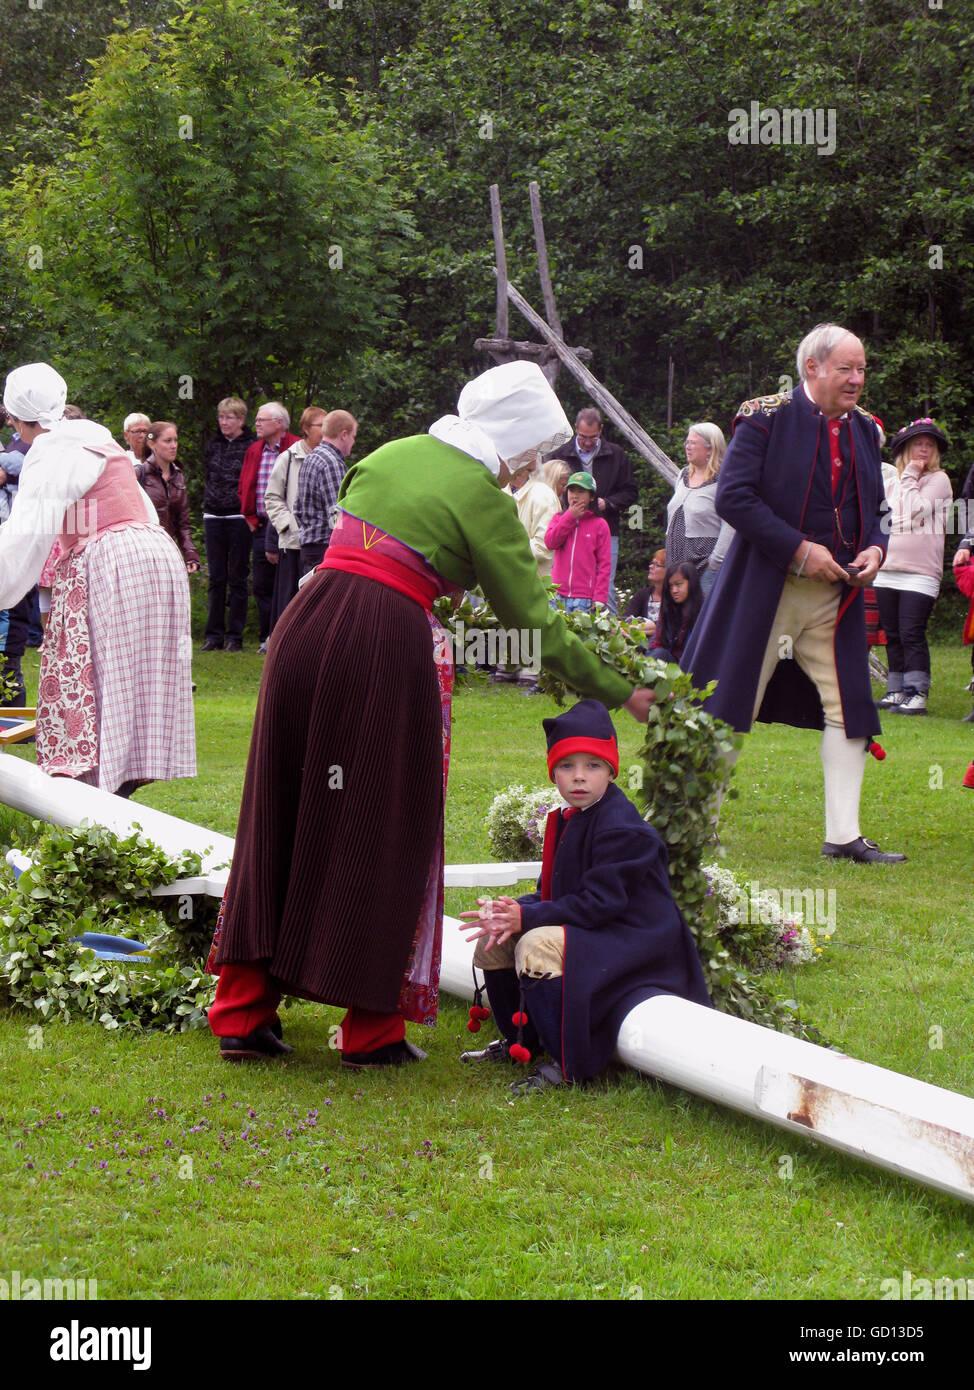 MIDSUMMER personas de toda edad en trajes preparar las festividades Imagen De Stock